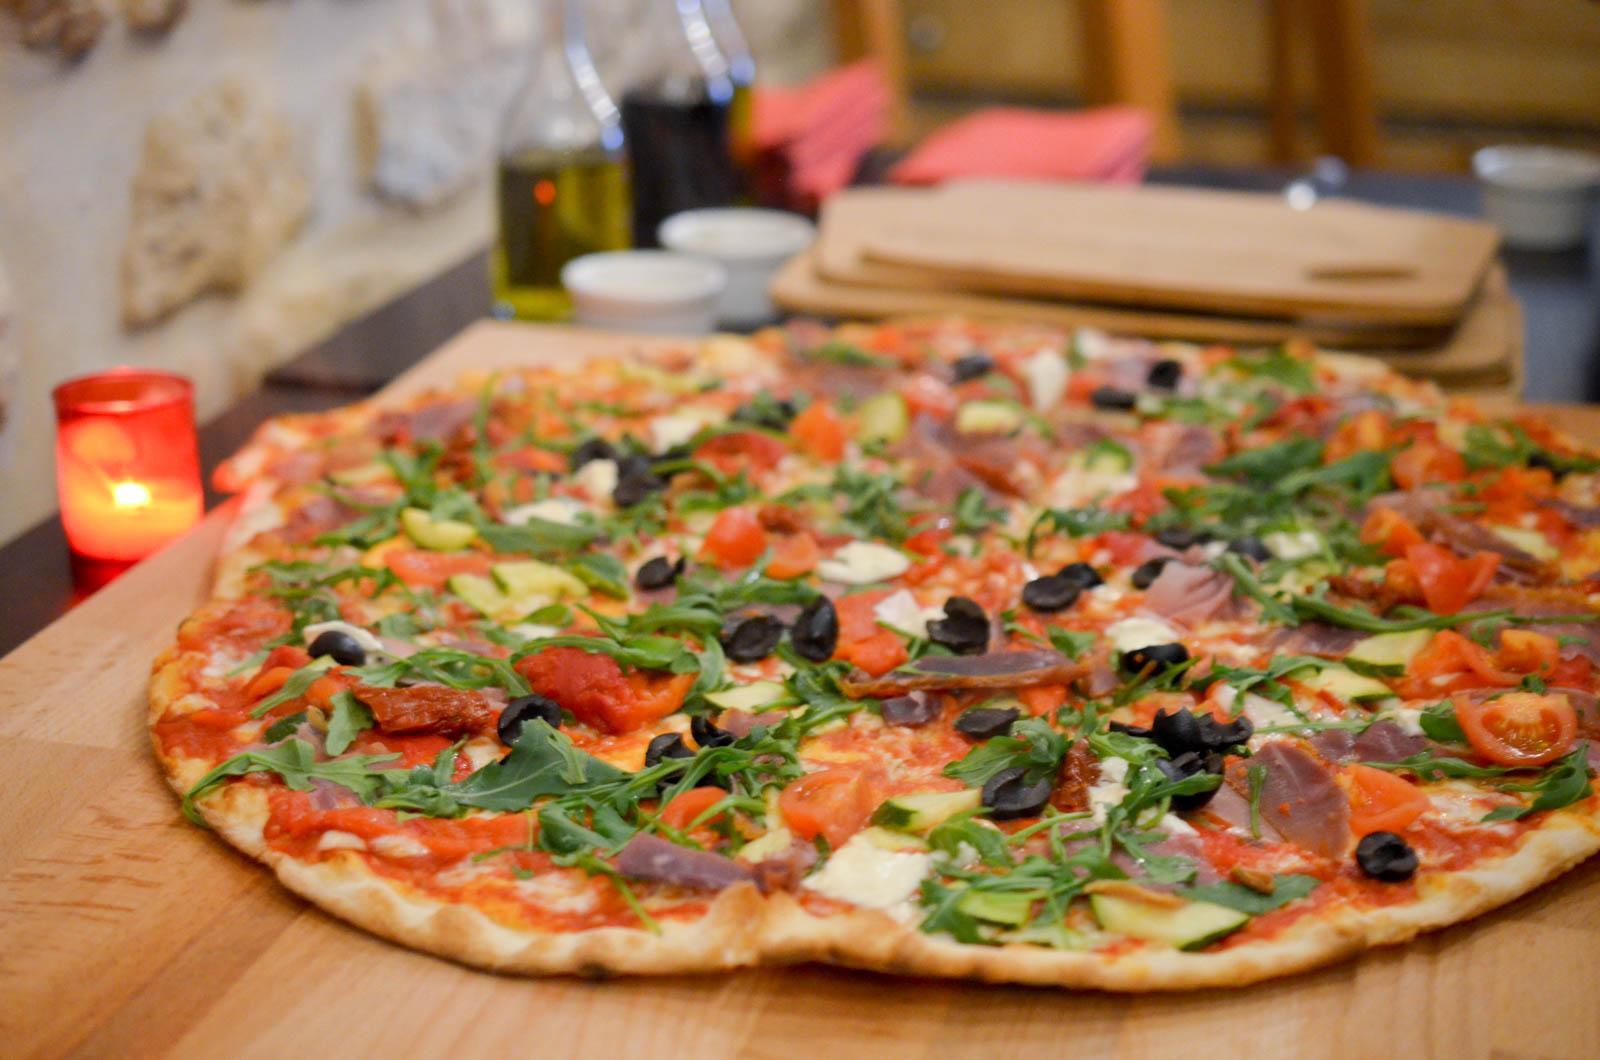 papelli les pizzas al italia les p pites de noisette. Black Bedroom Furniture Sets. Home Design Ideas